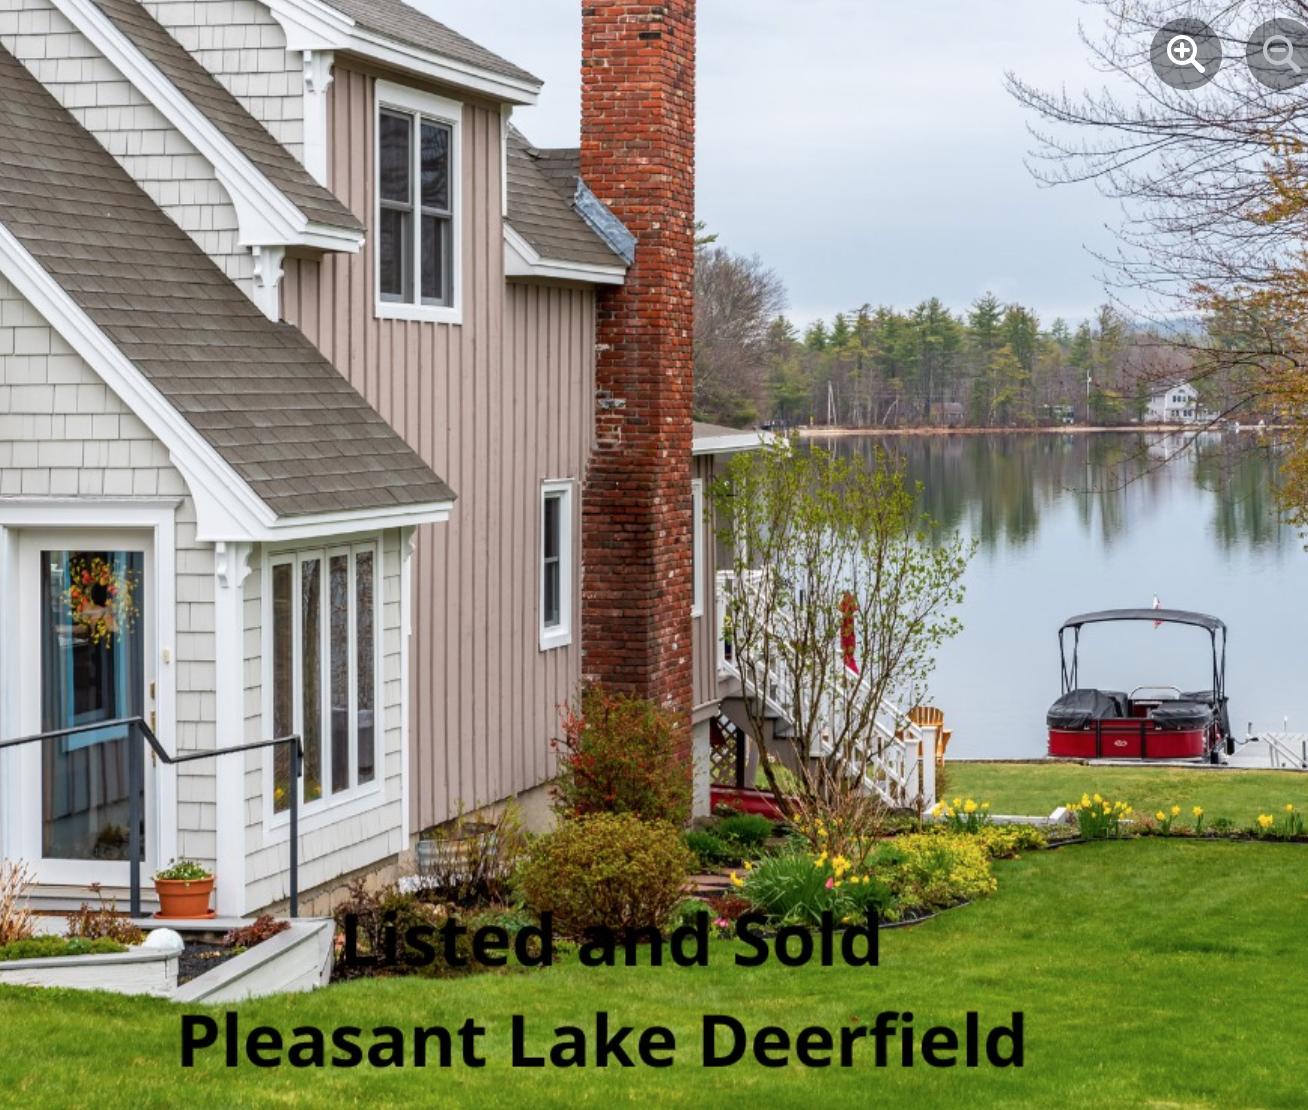 Pleasant Lake waterfront Deerfield NH